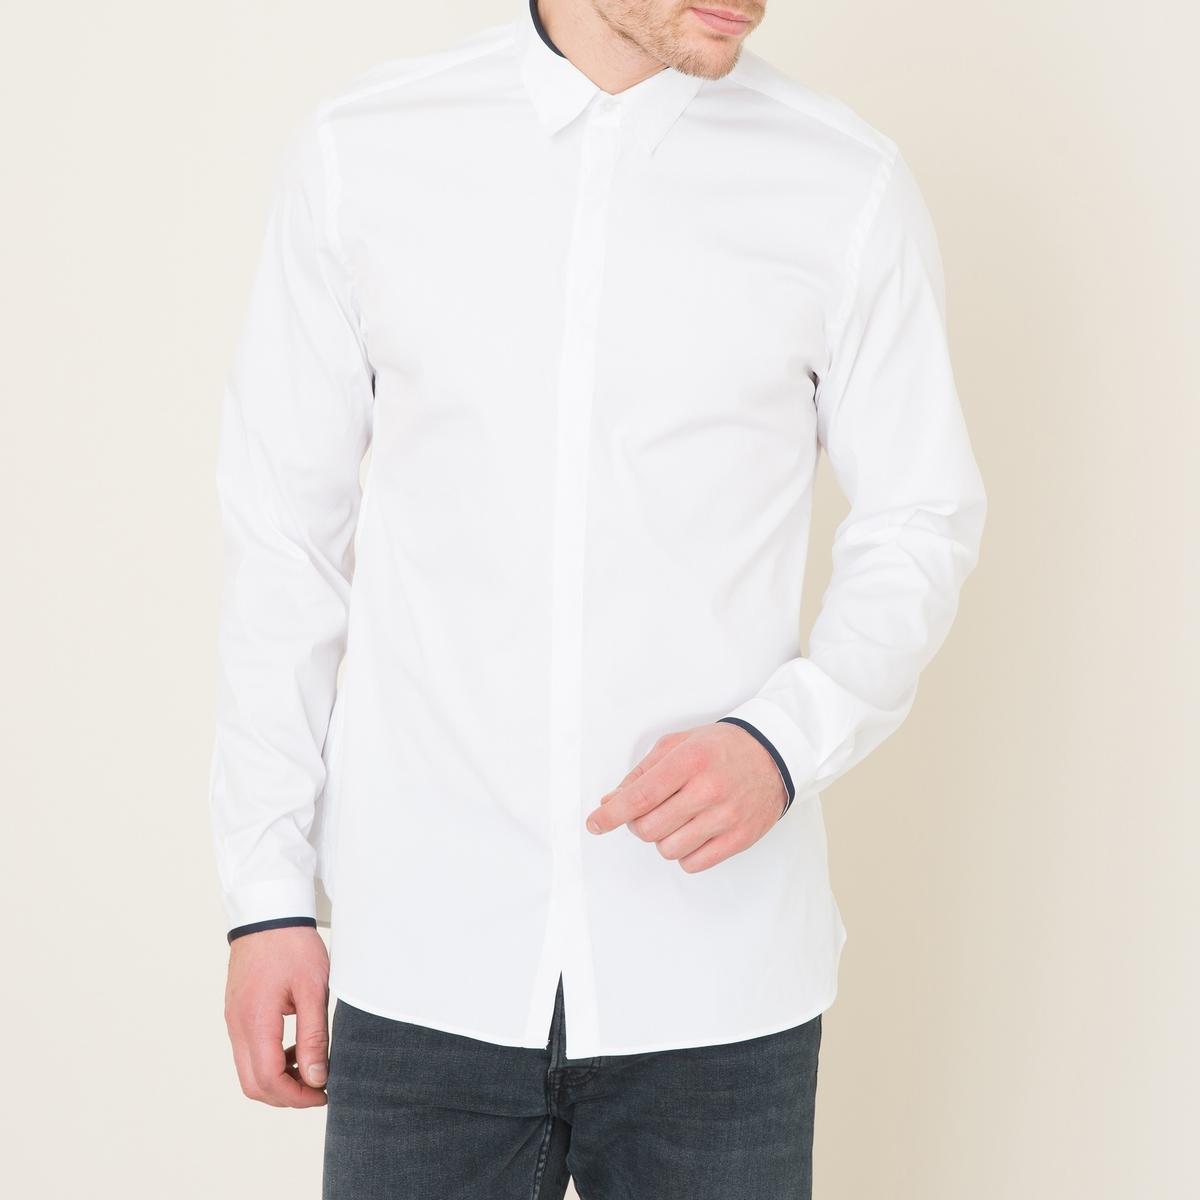 Рубашка классическая однотоннаяРубашка белая THE KOOPLES - классический покрой с контрастной отделкой . Рубашечный воротник и манжеты на подкладке с контрастной отделкой . Скрытая планка застежки на пуговицы. Длинные рукава, манжеты с застежкой на пуговицу.Состав и описание:    Материал : 78% хлопка, 18% полиамида, 4% эластана   Вставки 100% полиэстер  Марка : THE KOOPLES<br><br>Цвет: белый